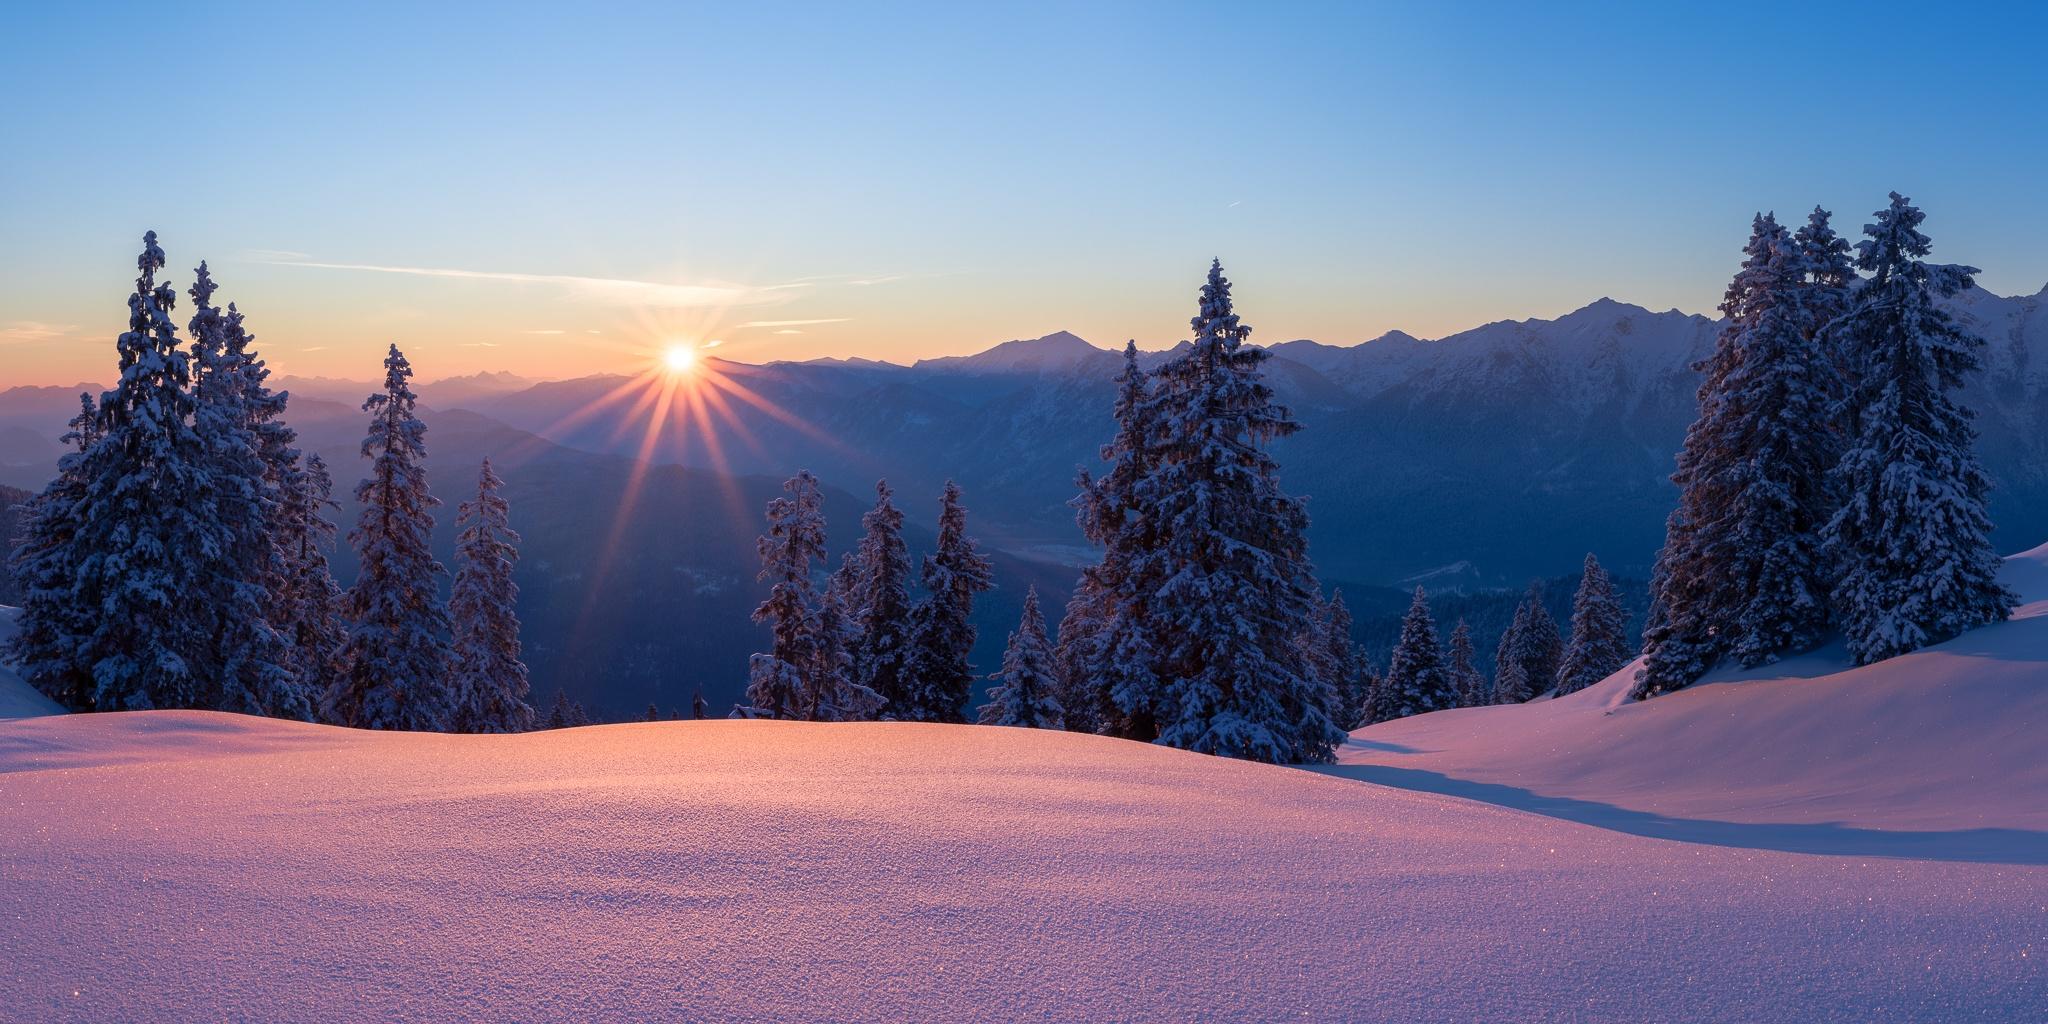 Sonnenaufgang, Morgen, lila, Wallgauer Alm, Winter, Schnee, Wintertraum